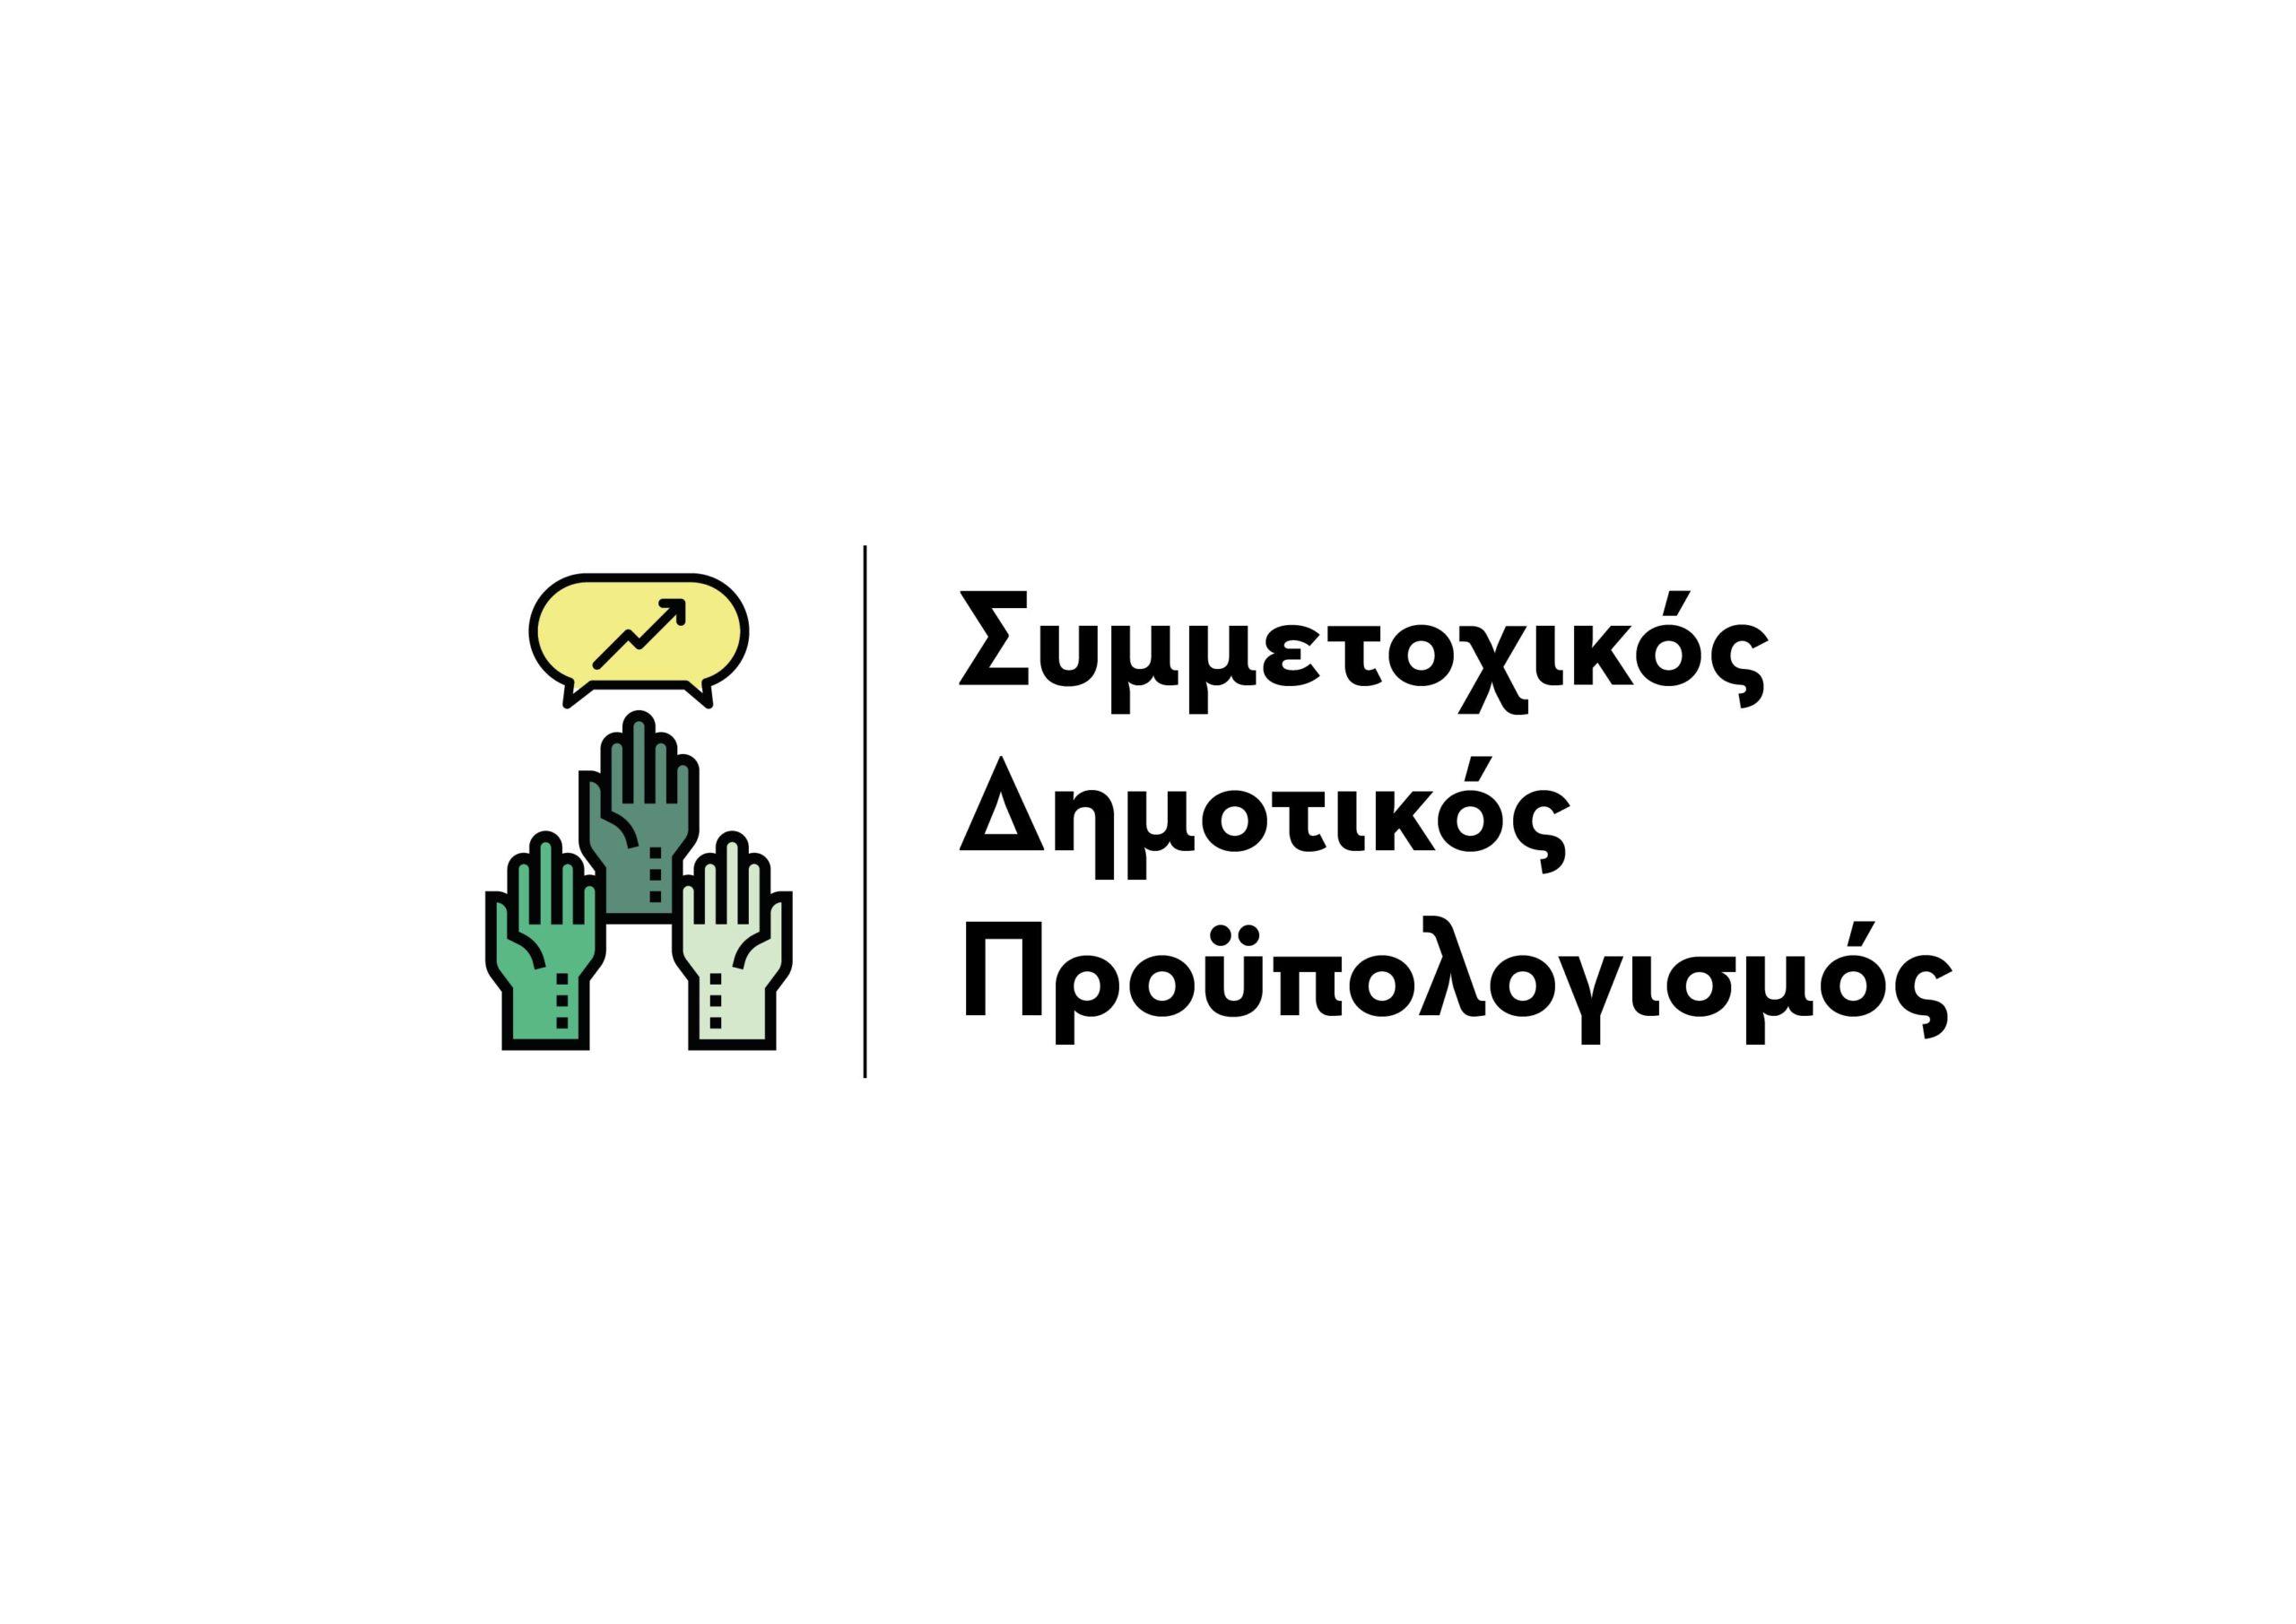 Συμμετοχικός Προϋπολογισμός σε Δήμους: Ένα πείραμα συμμετοχικής δημοκρατίας